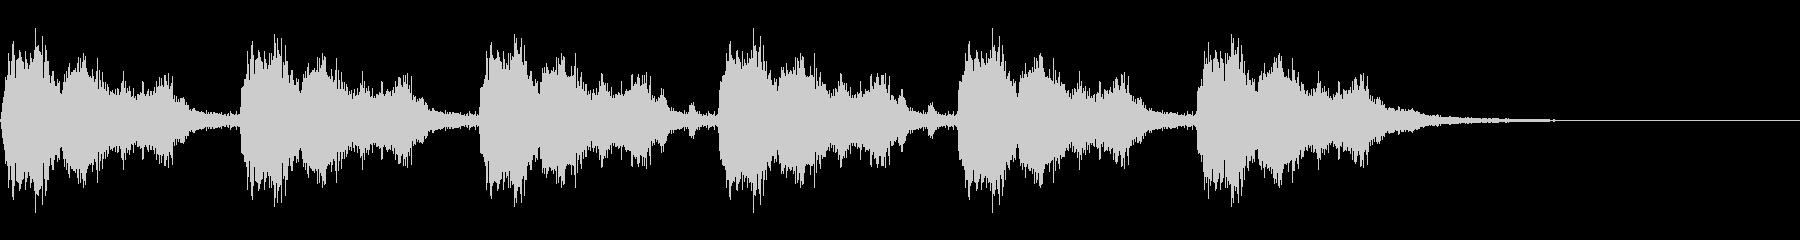 エイリアンミュージックビート:イン...の未再生の波形